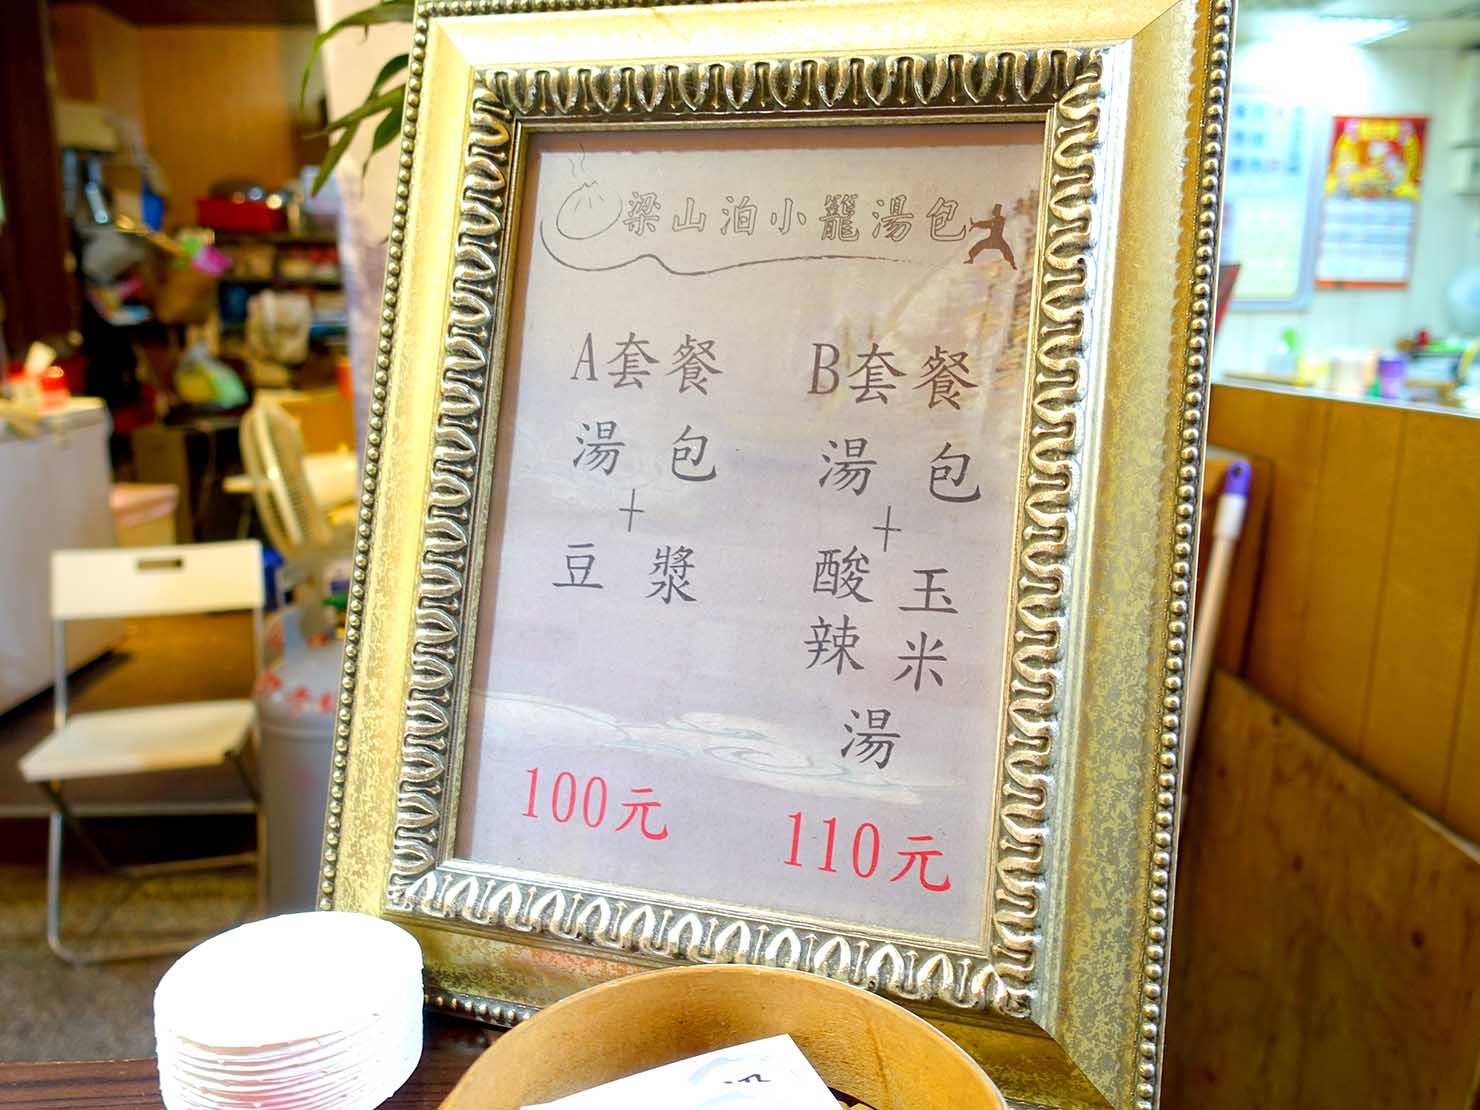 台北・西門町のおすすめグルメ店「梁山泊小籠湯包」のメニュー